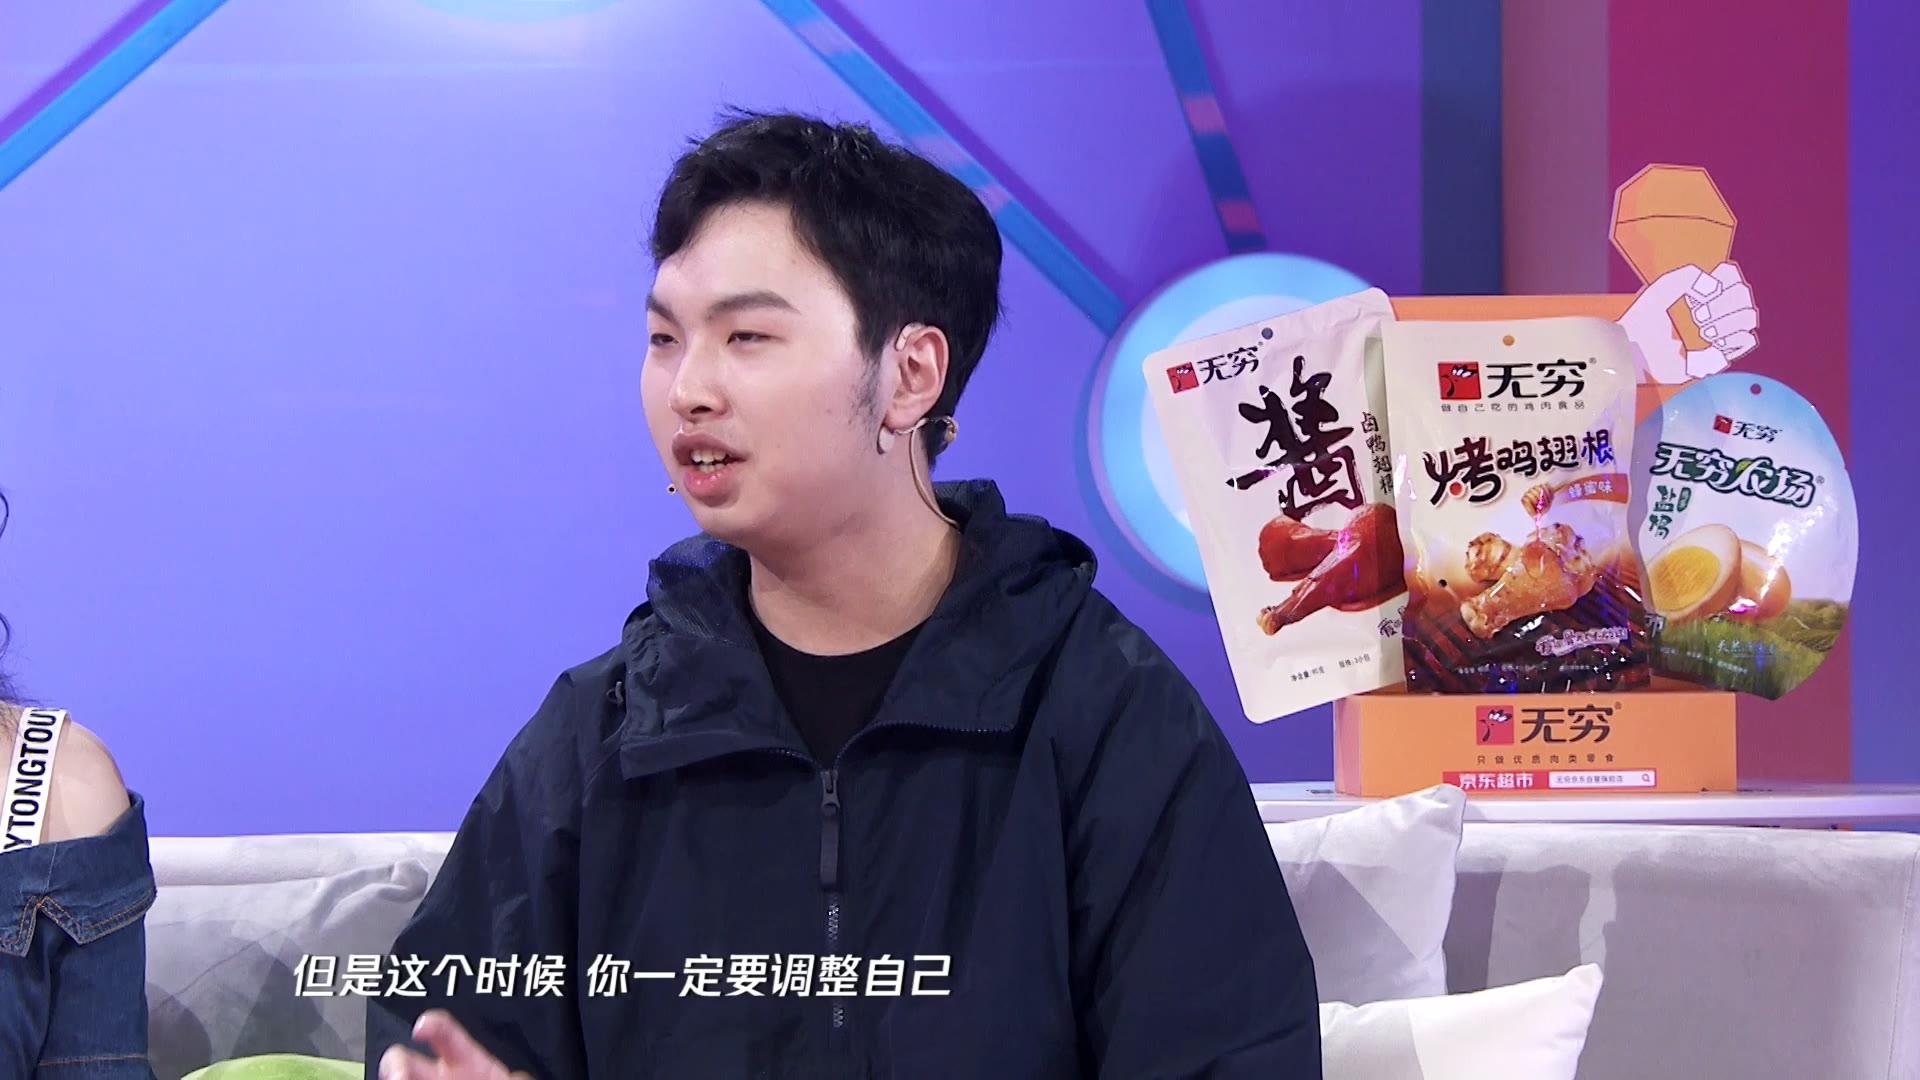 《玩游戏的朋友》eStarPro Alan王添龙分享保持自信的秘诀